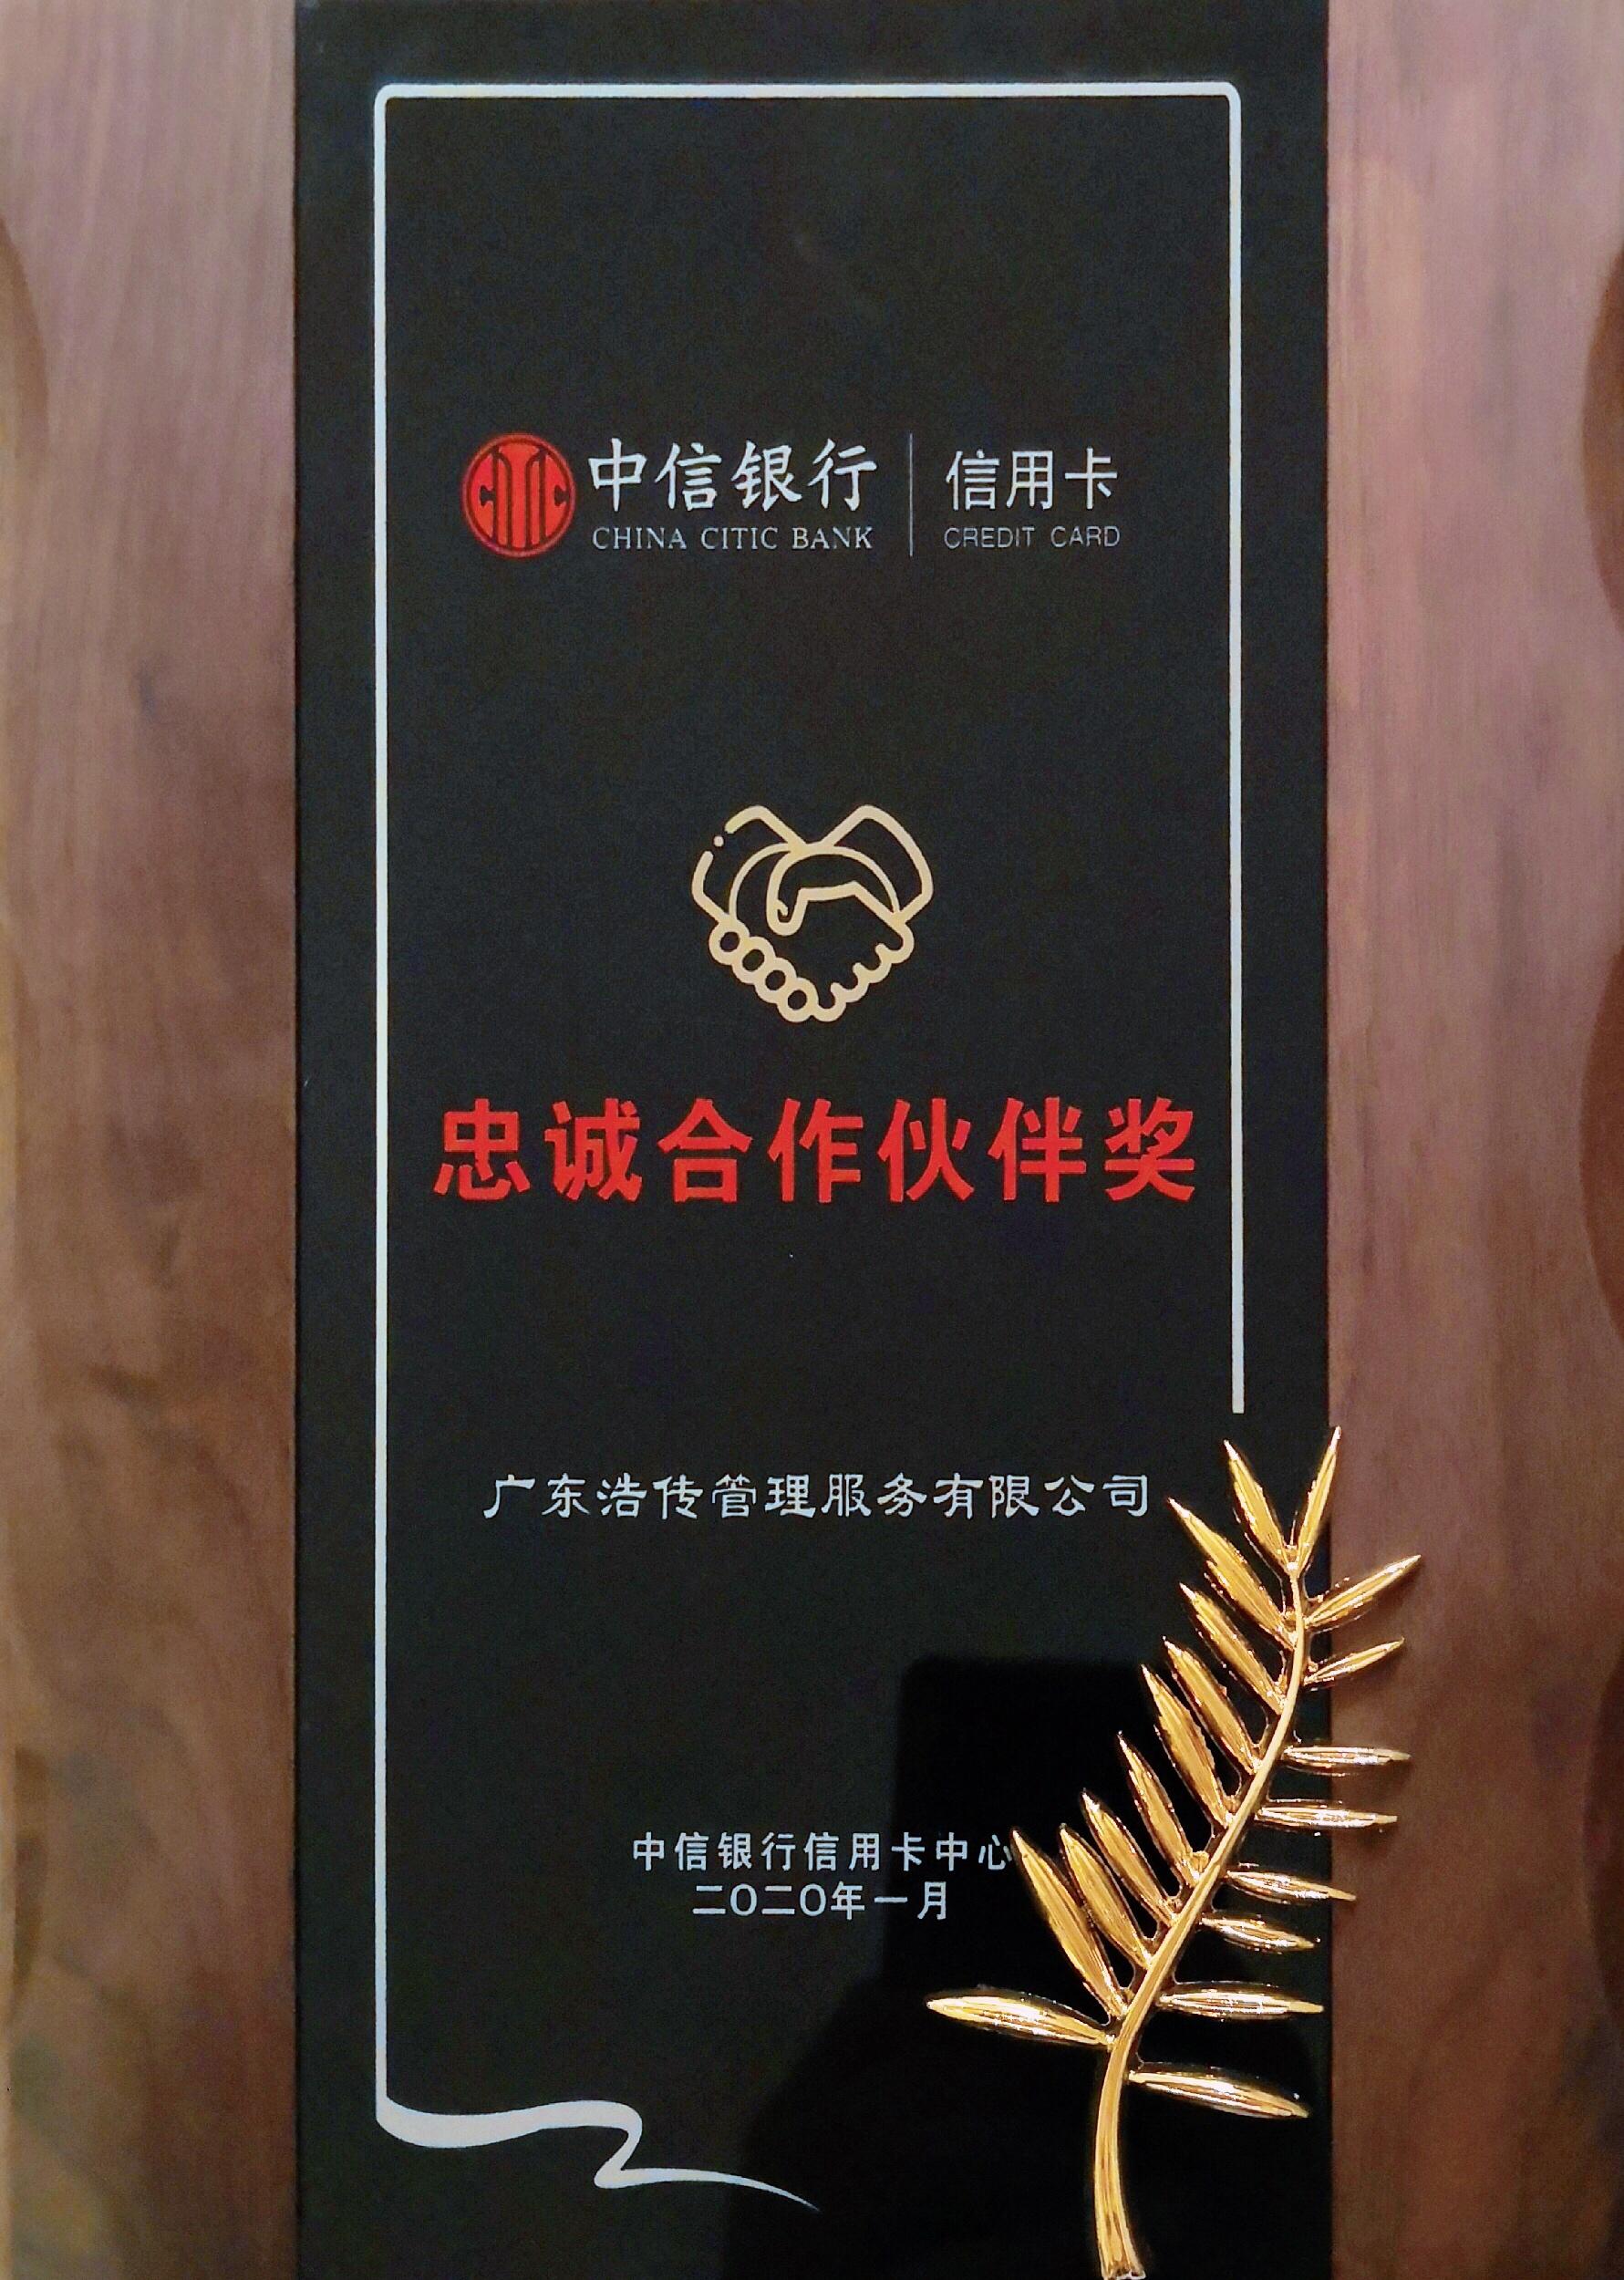 2019年中信銀行忠誠合作伙伴